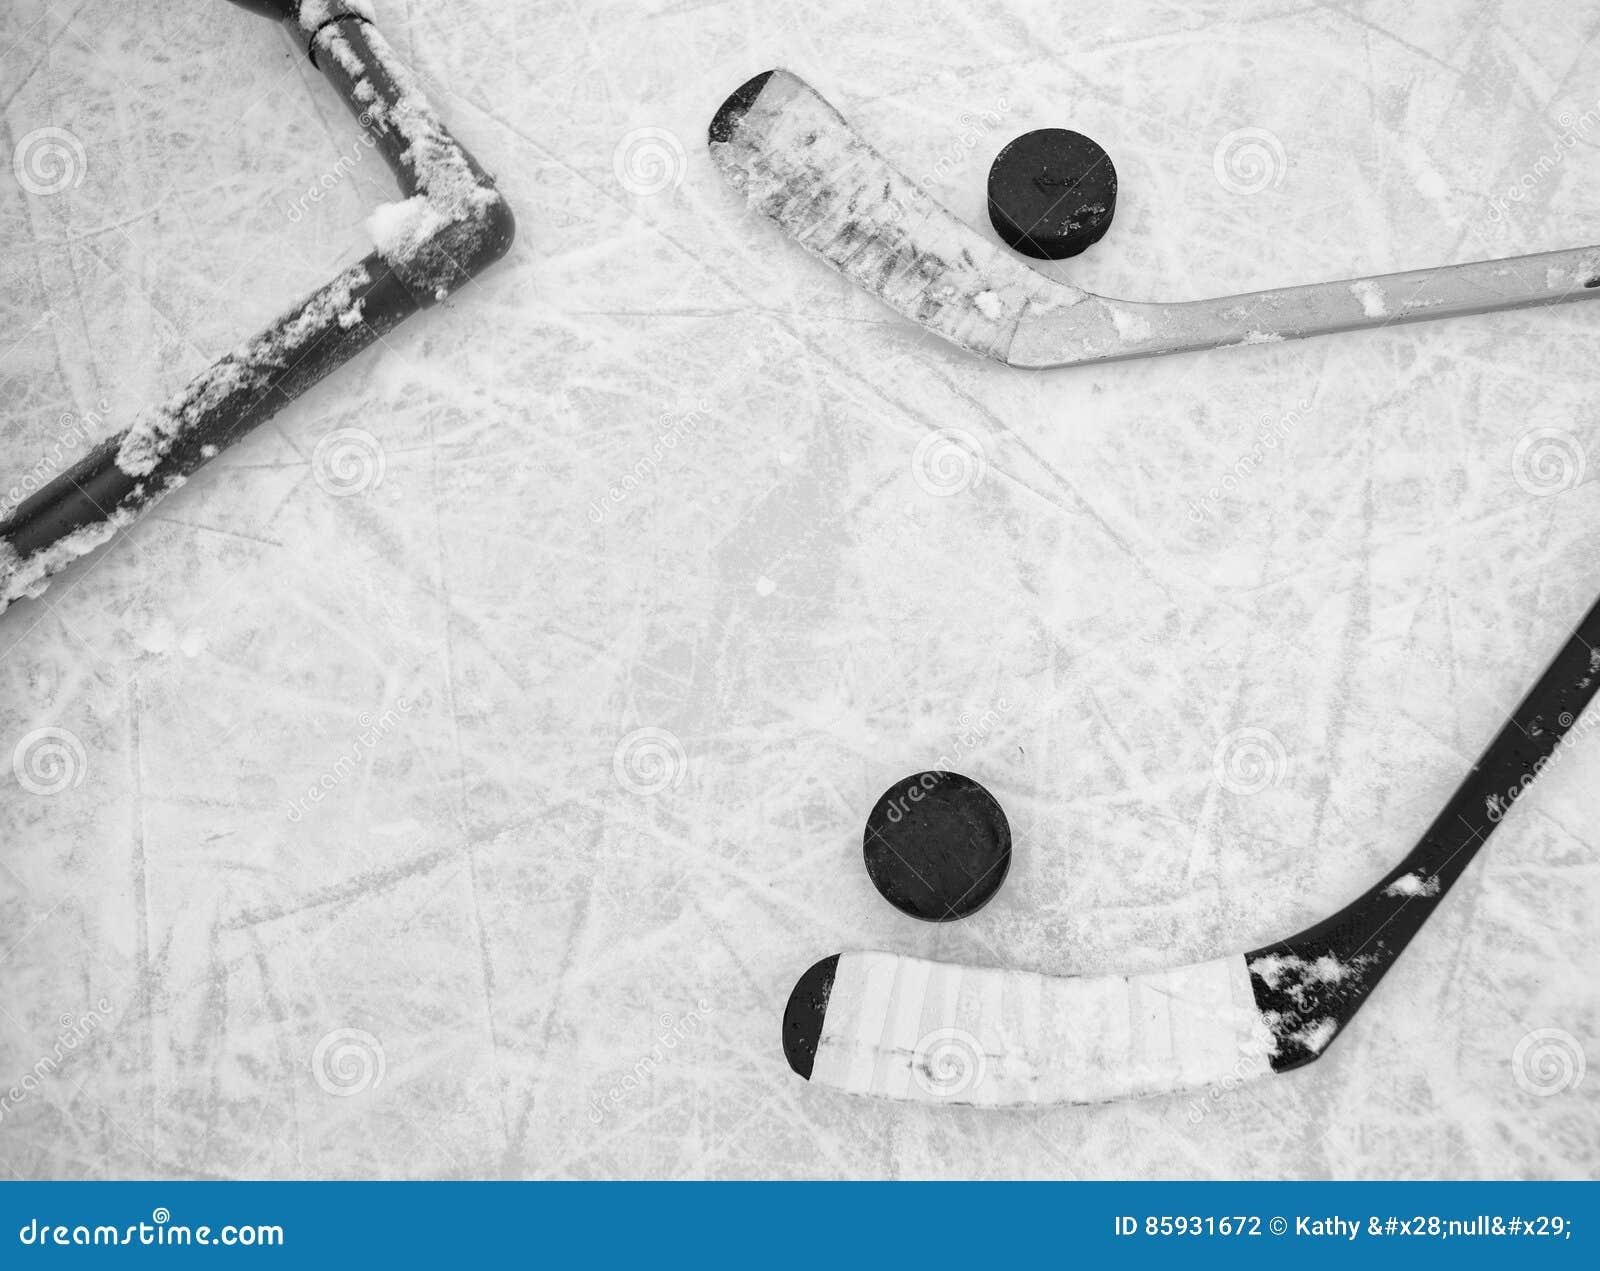 Hockeyschläger und Kobolde